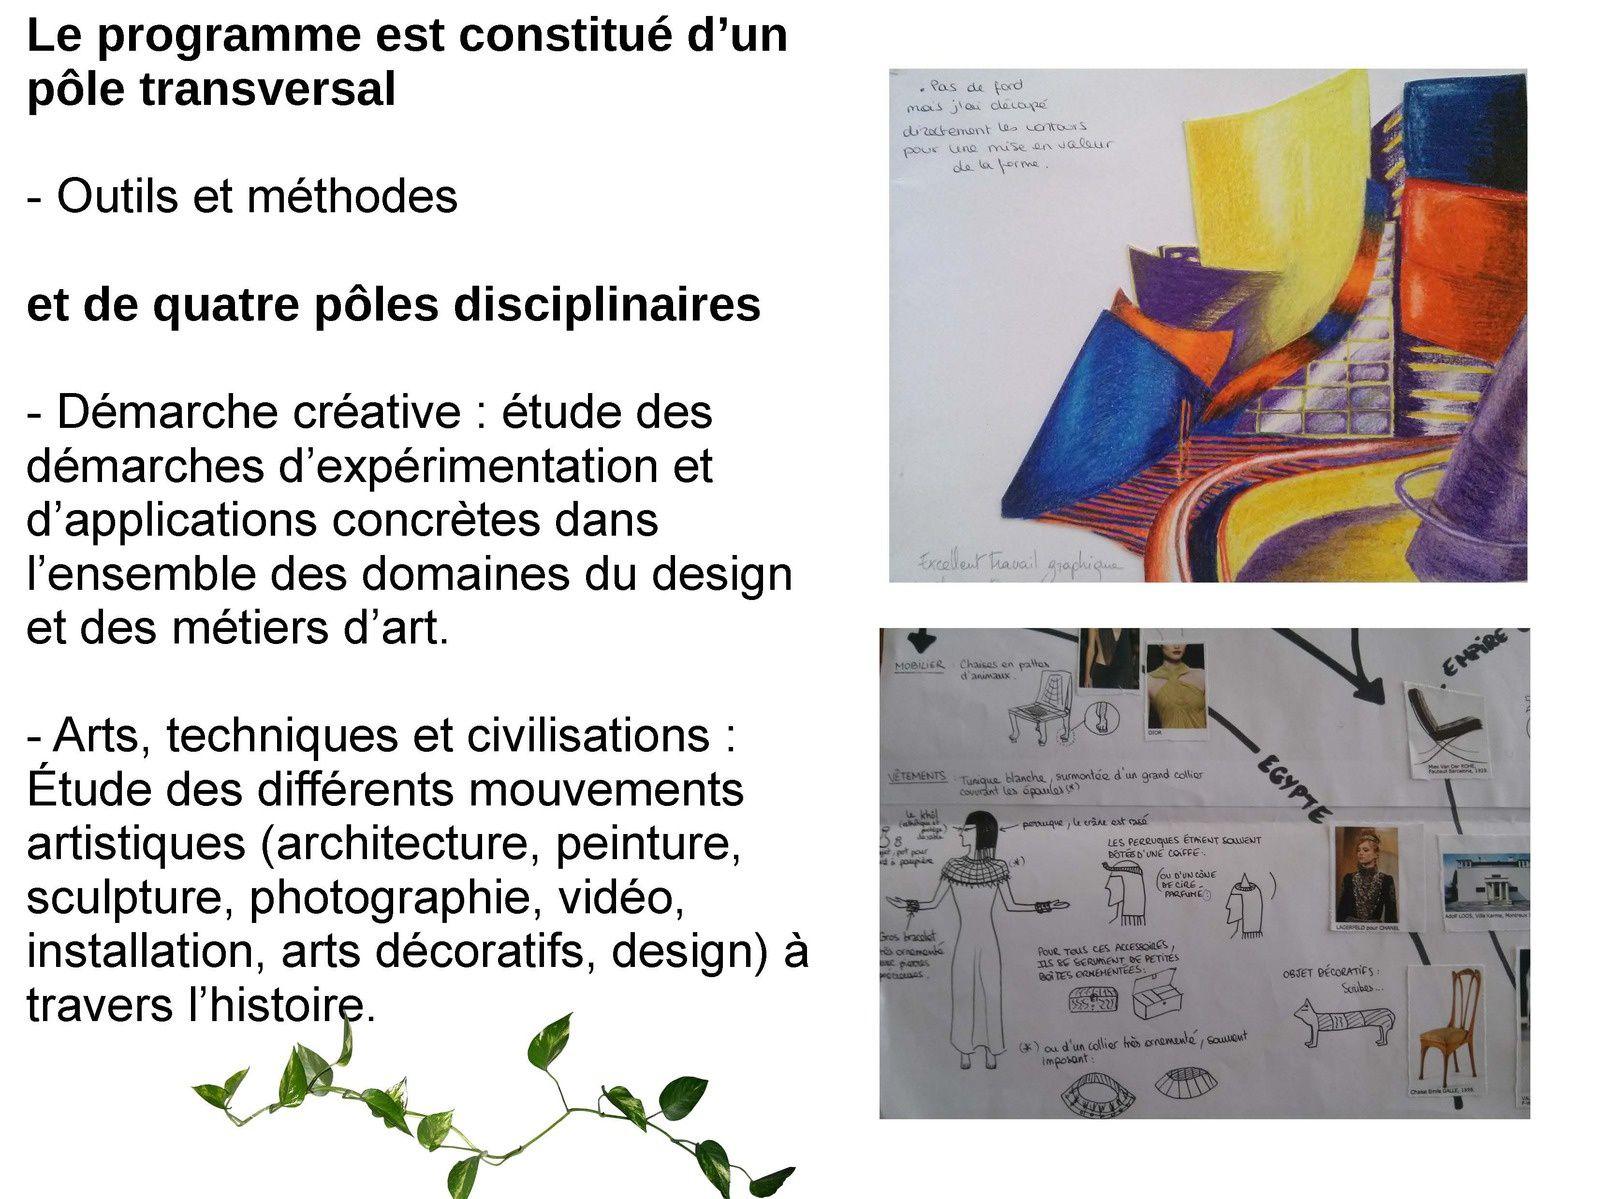 ouverture de la seconde d'exploration &quot&#x3B;création &amp&#x3B; culture design&quot&#x3B; au lycée Jean Lurçat de Perpignan